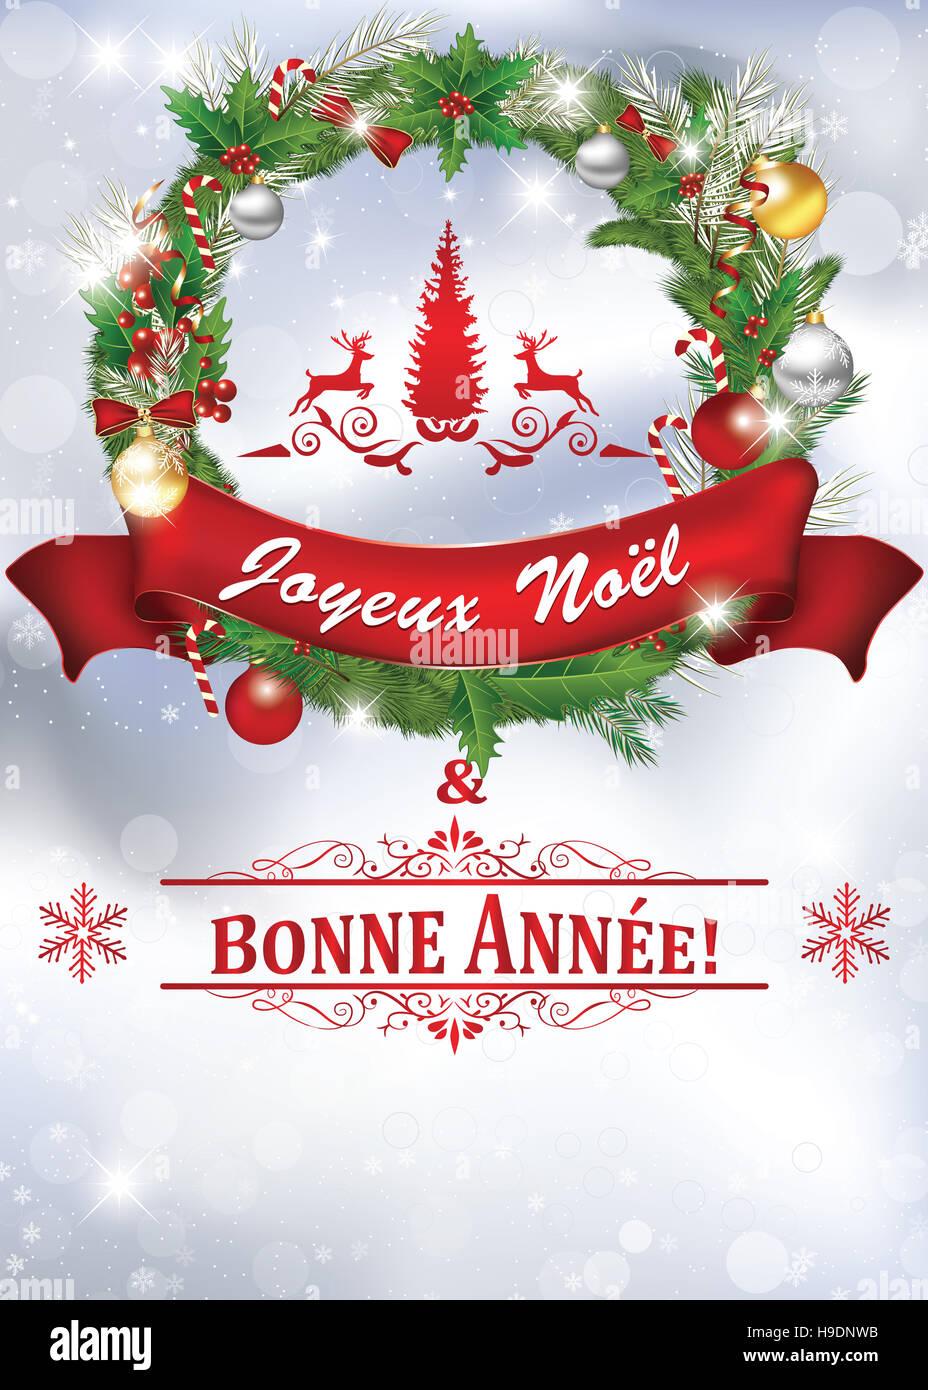 Super Joyeux Noel et une Bonne Annee! Carte de voeux 2017 pour Nouvel An  IN44